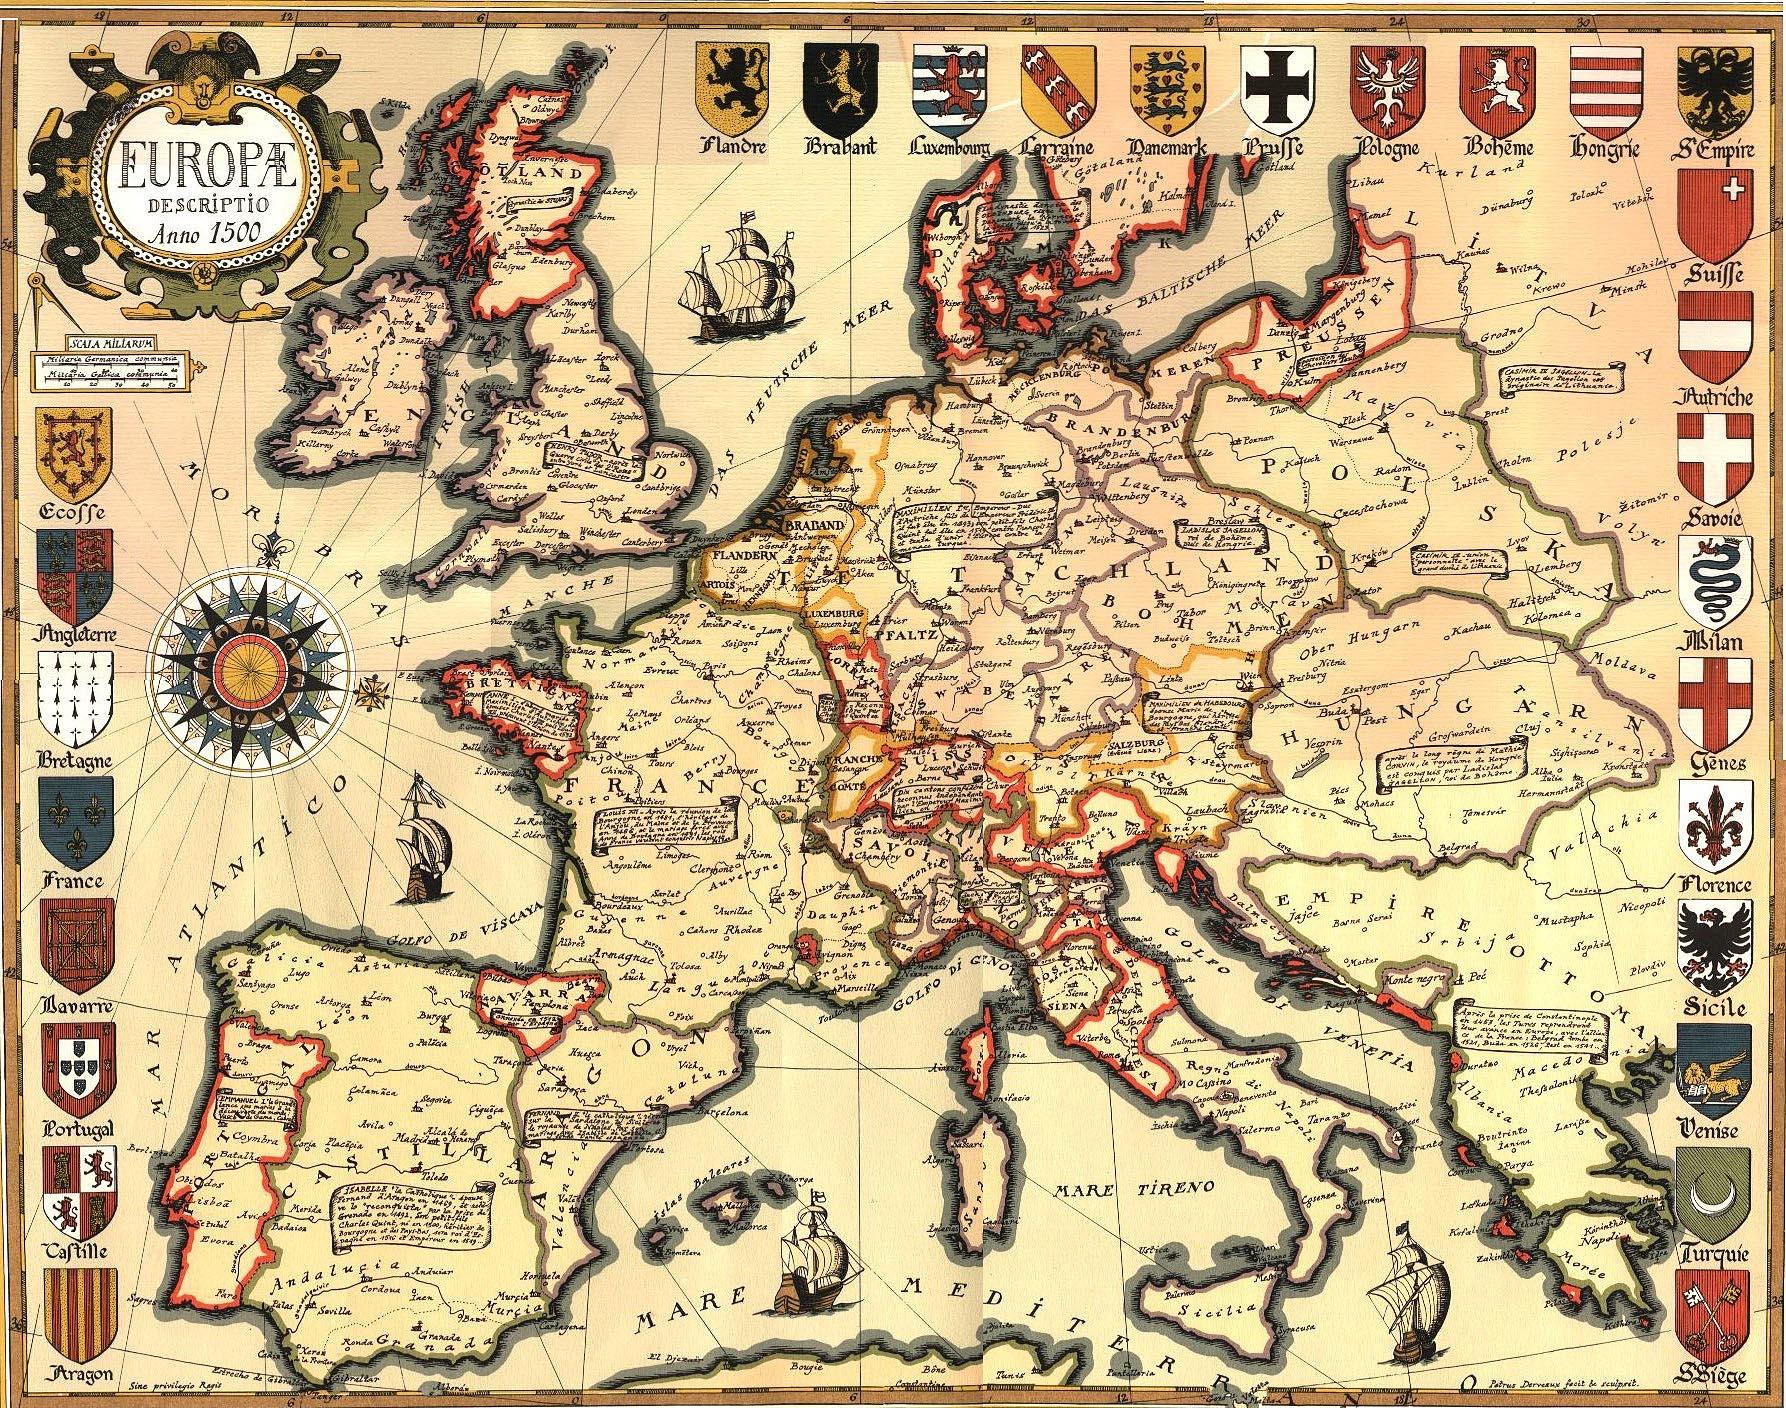 спания на карте Европы 1500 г.